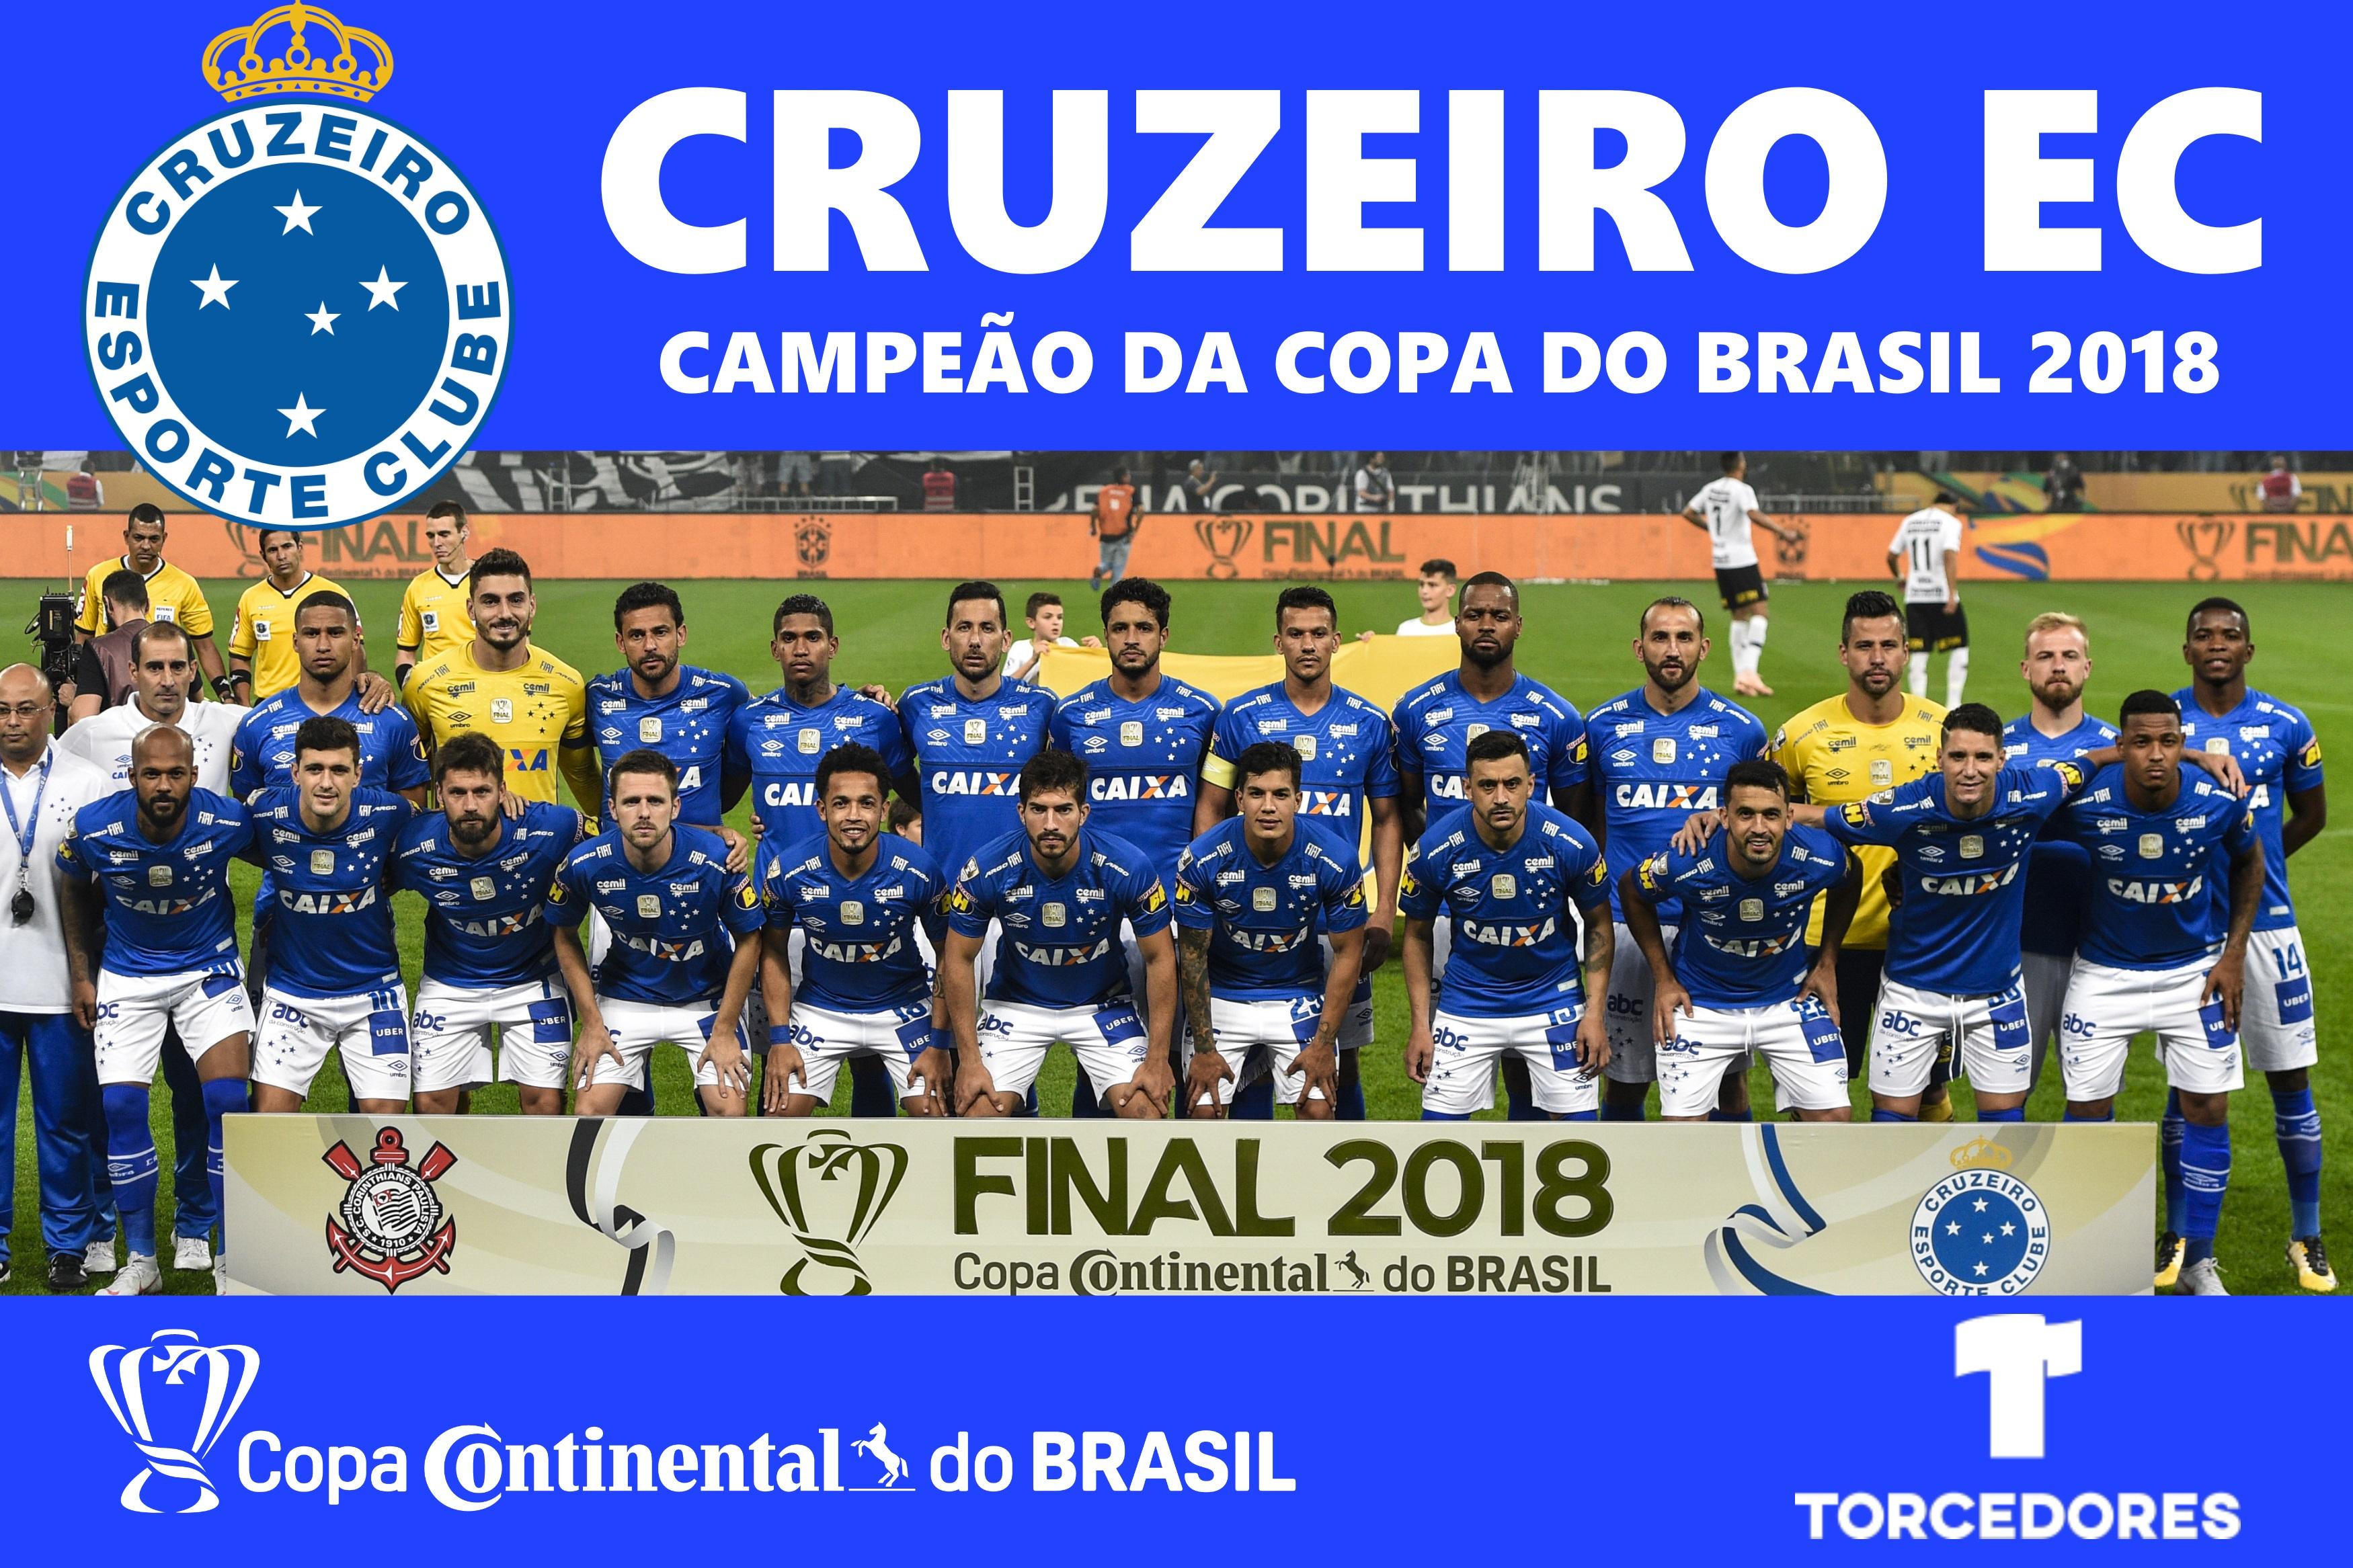 poster cruzeiro campeão copa do brasil